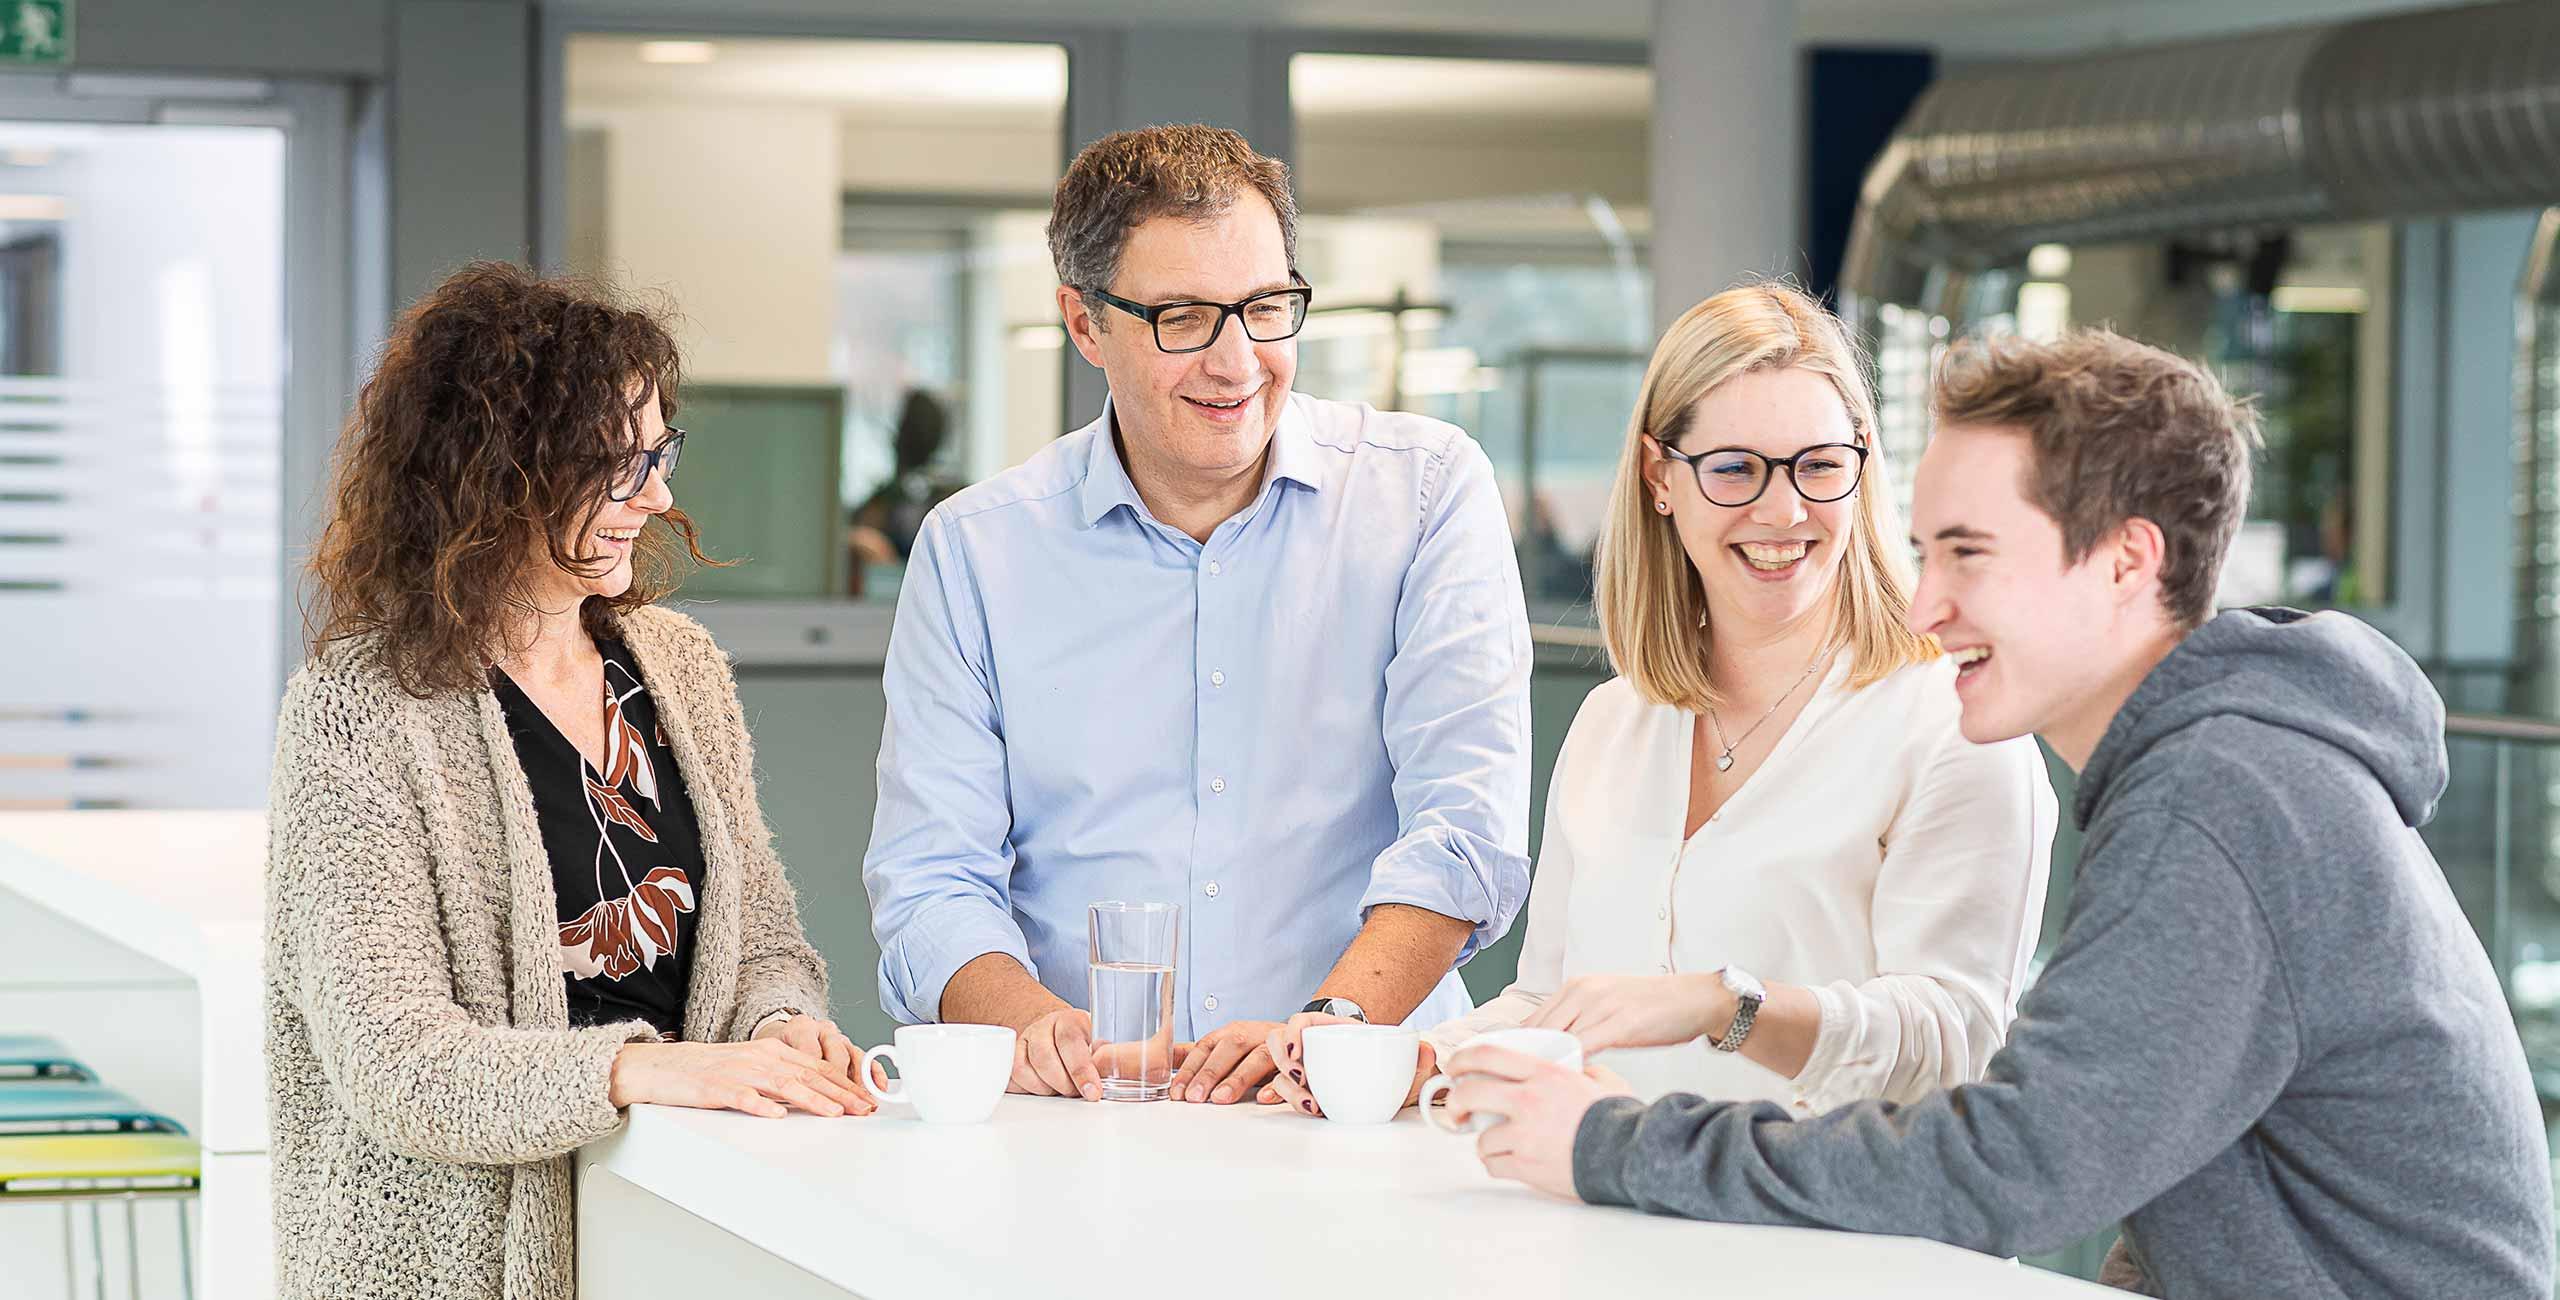 Vier Mitarbeiter von Oberpfalz Medien bei einem lockeren Gespräch über Karriere am Stehtisch mit Kaffee und Wasser.